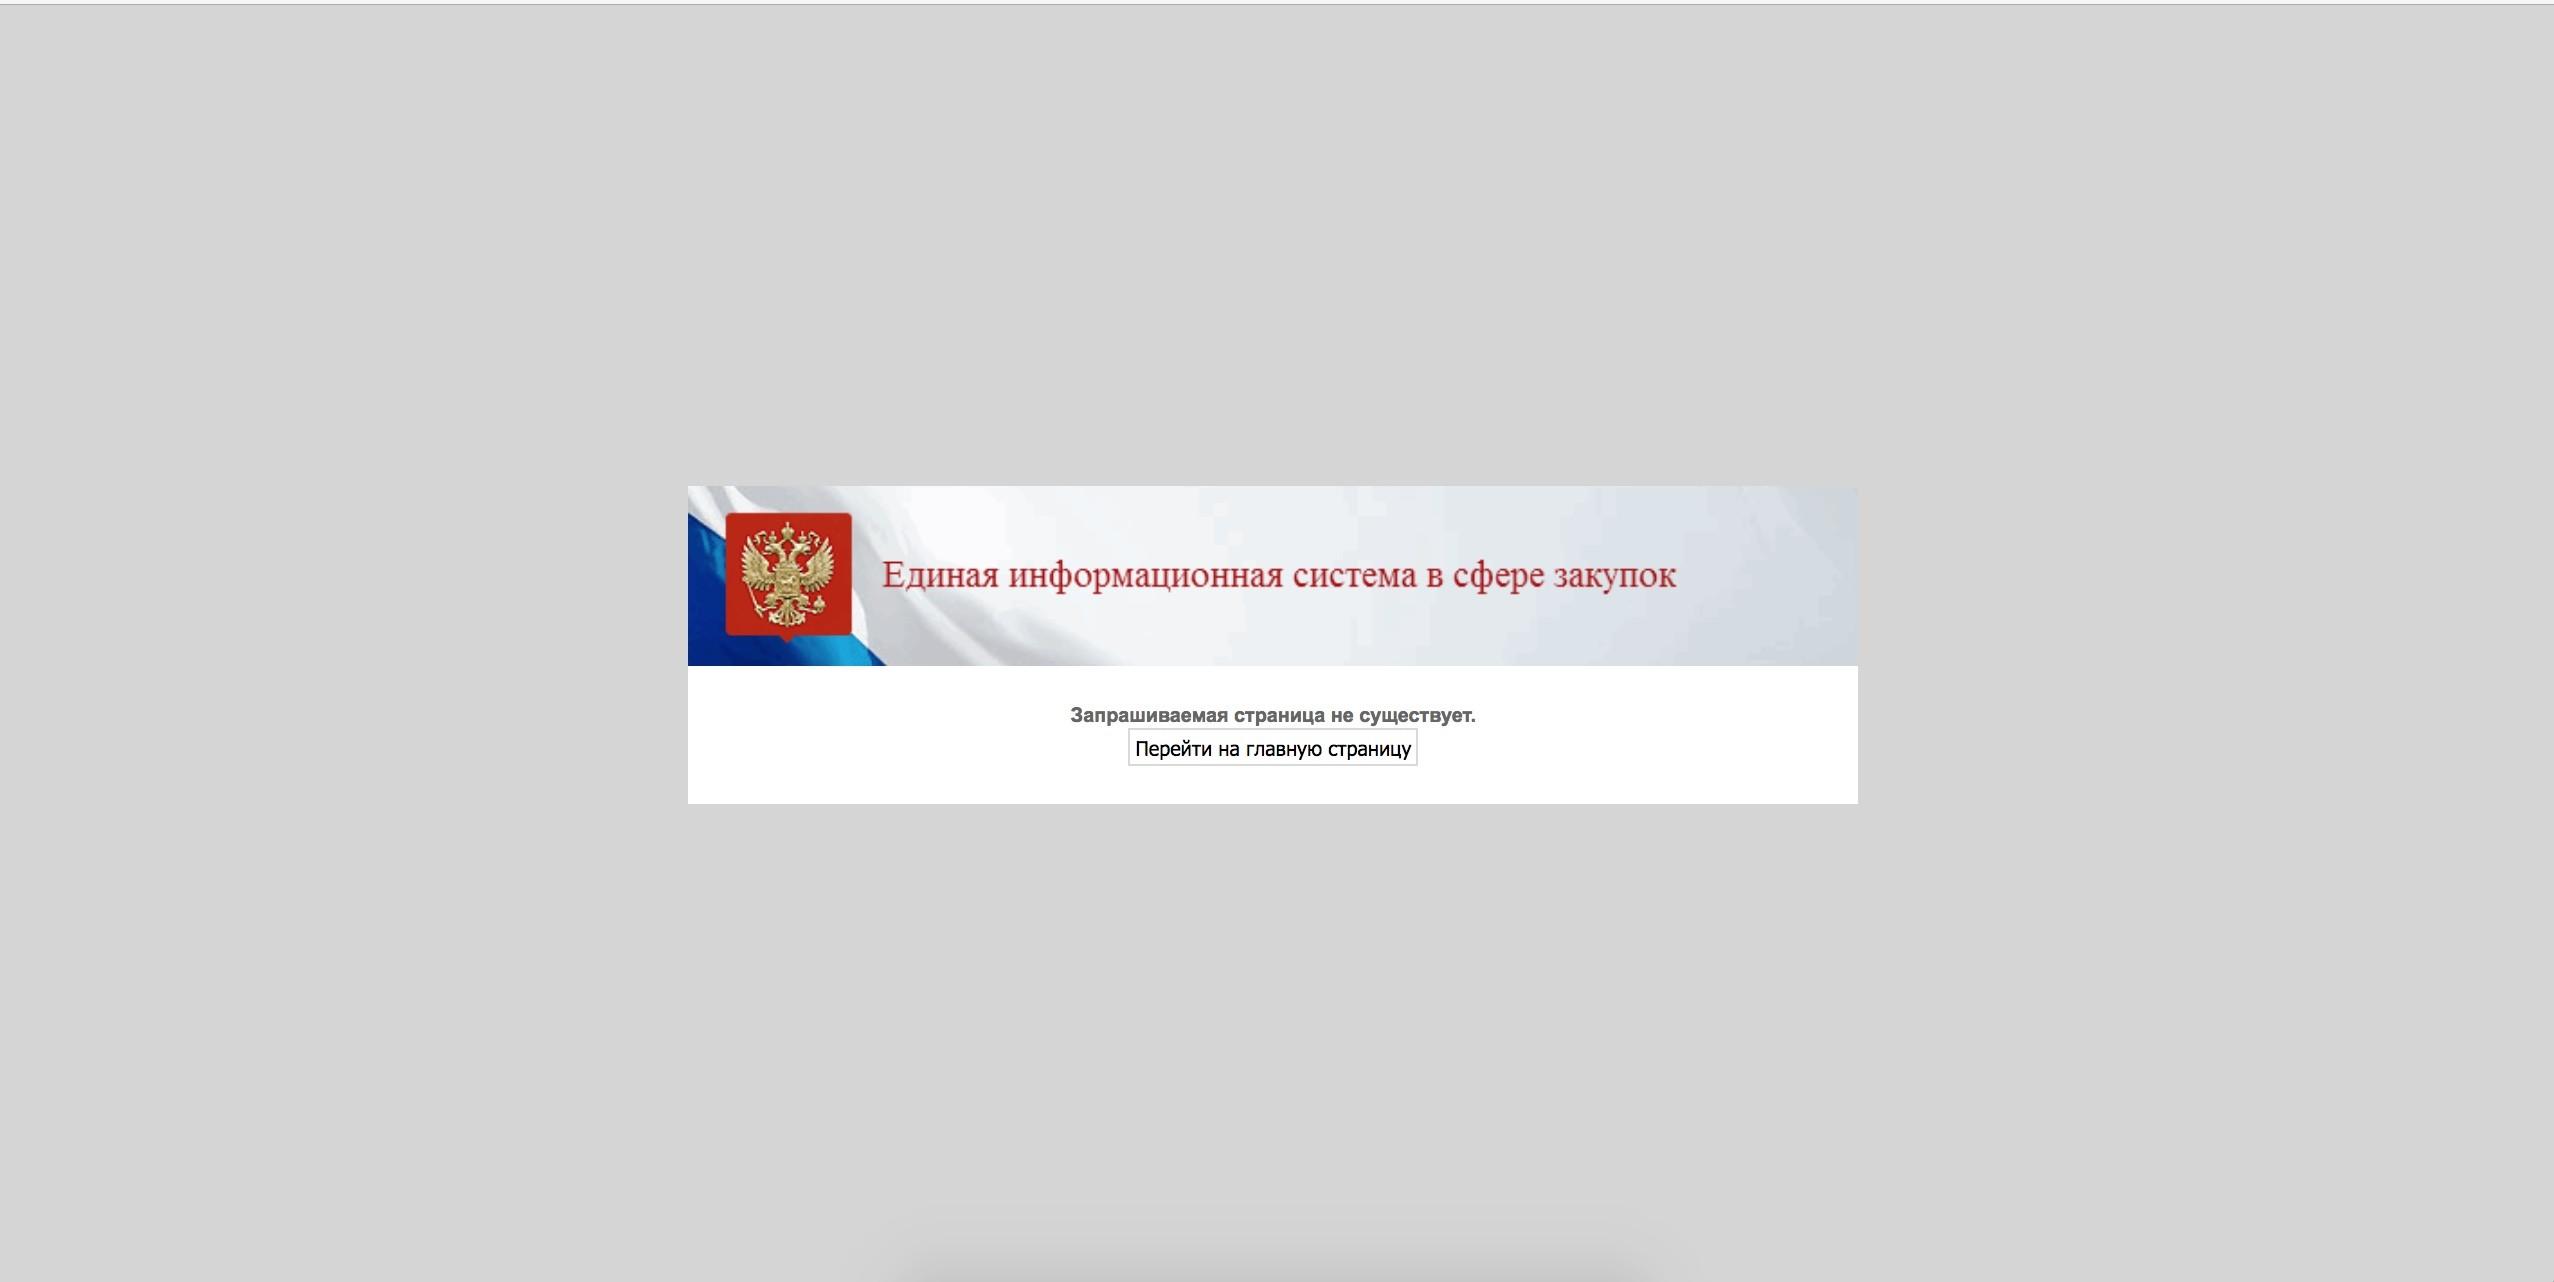 Сайт госзакупок